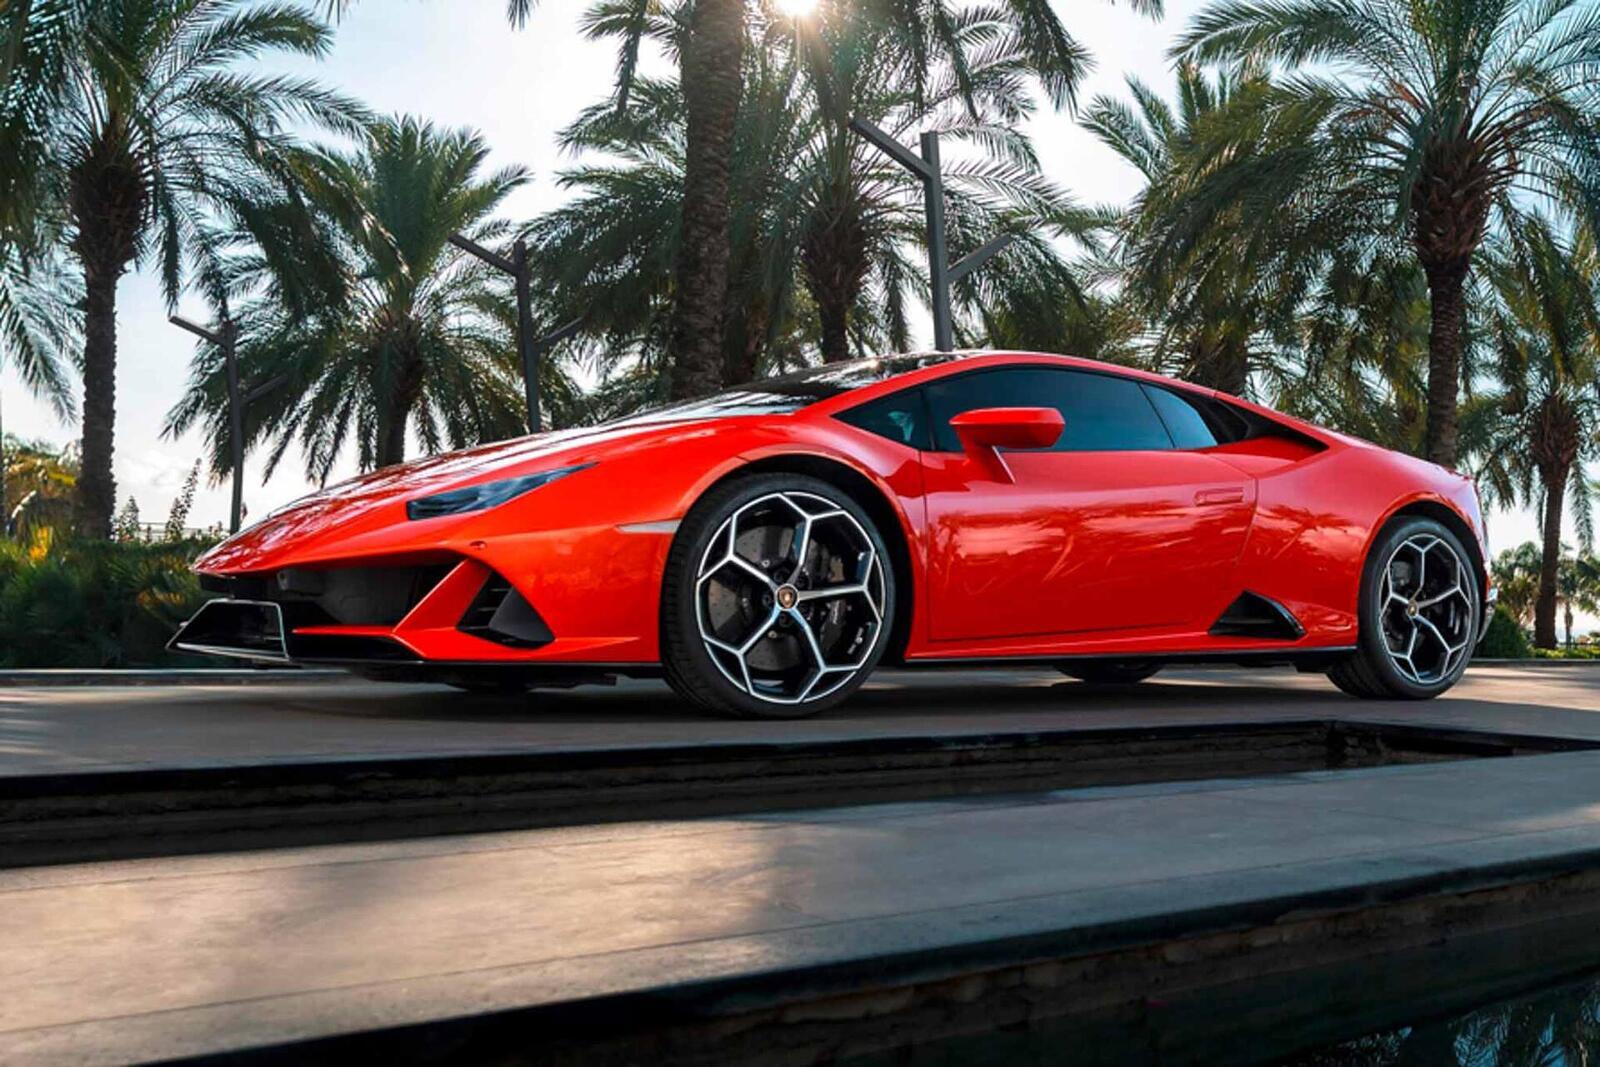 Lamborghini giới thiệu Huracan EVO mới với sức mạnh 640 mã lực - Hình 21